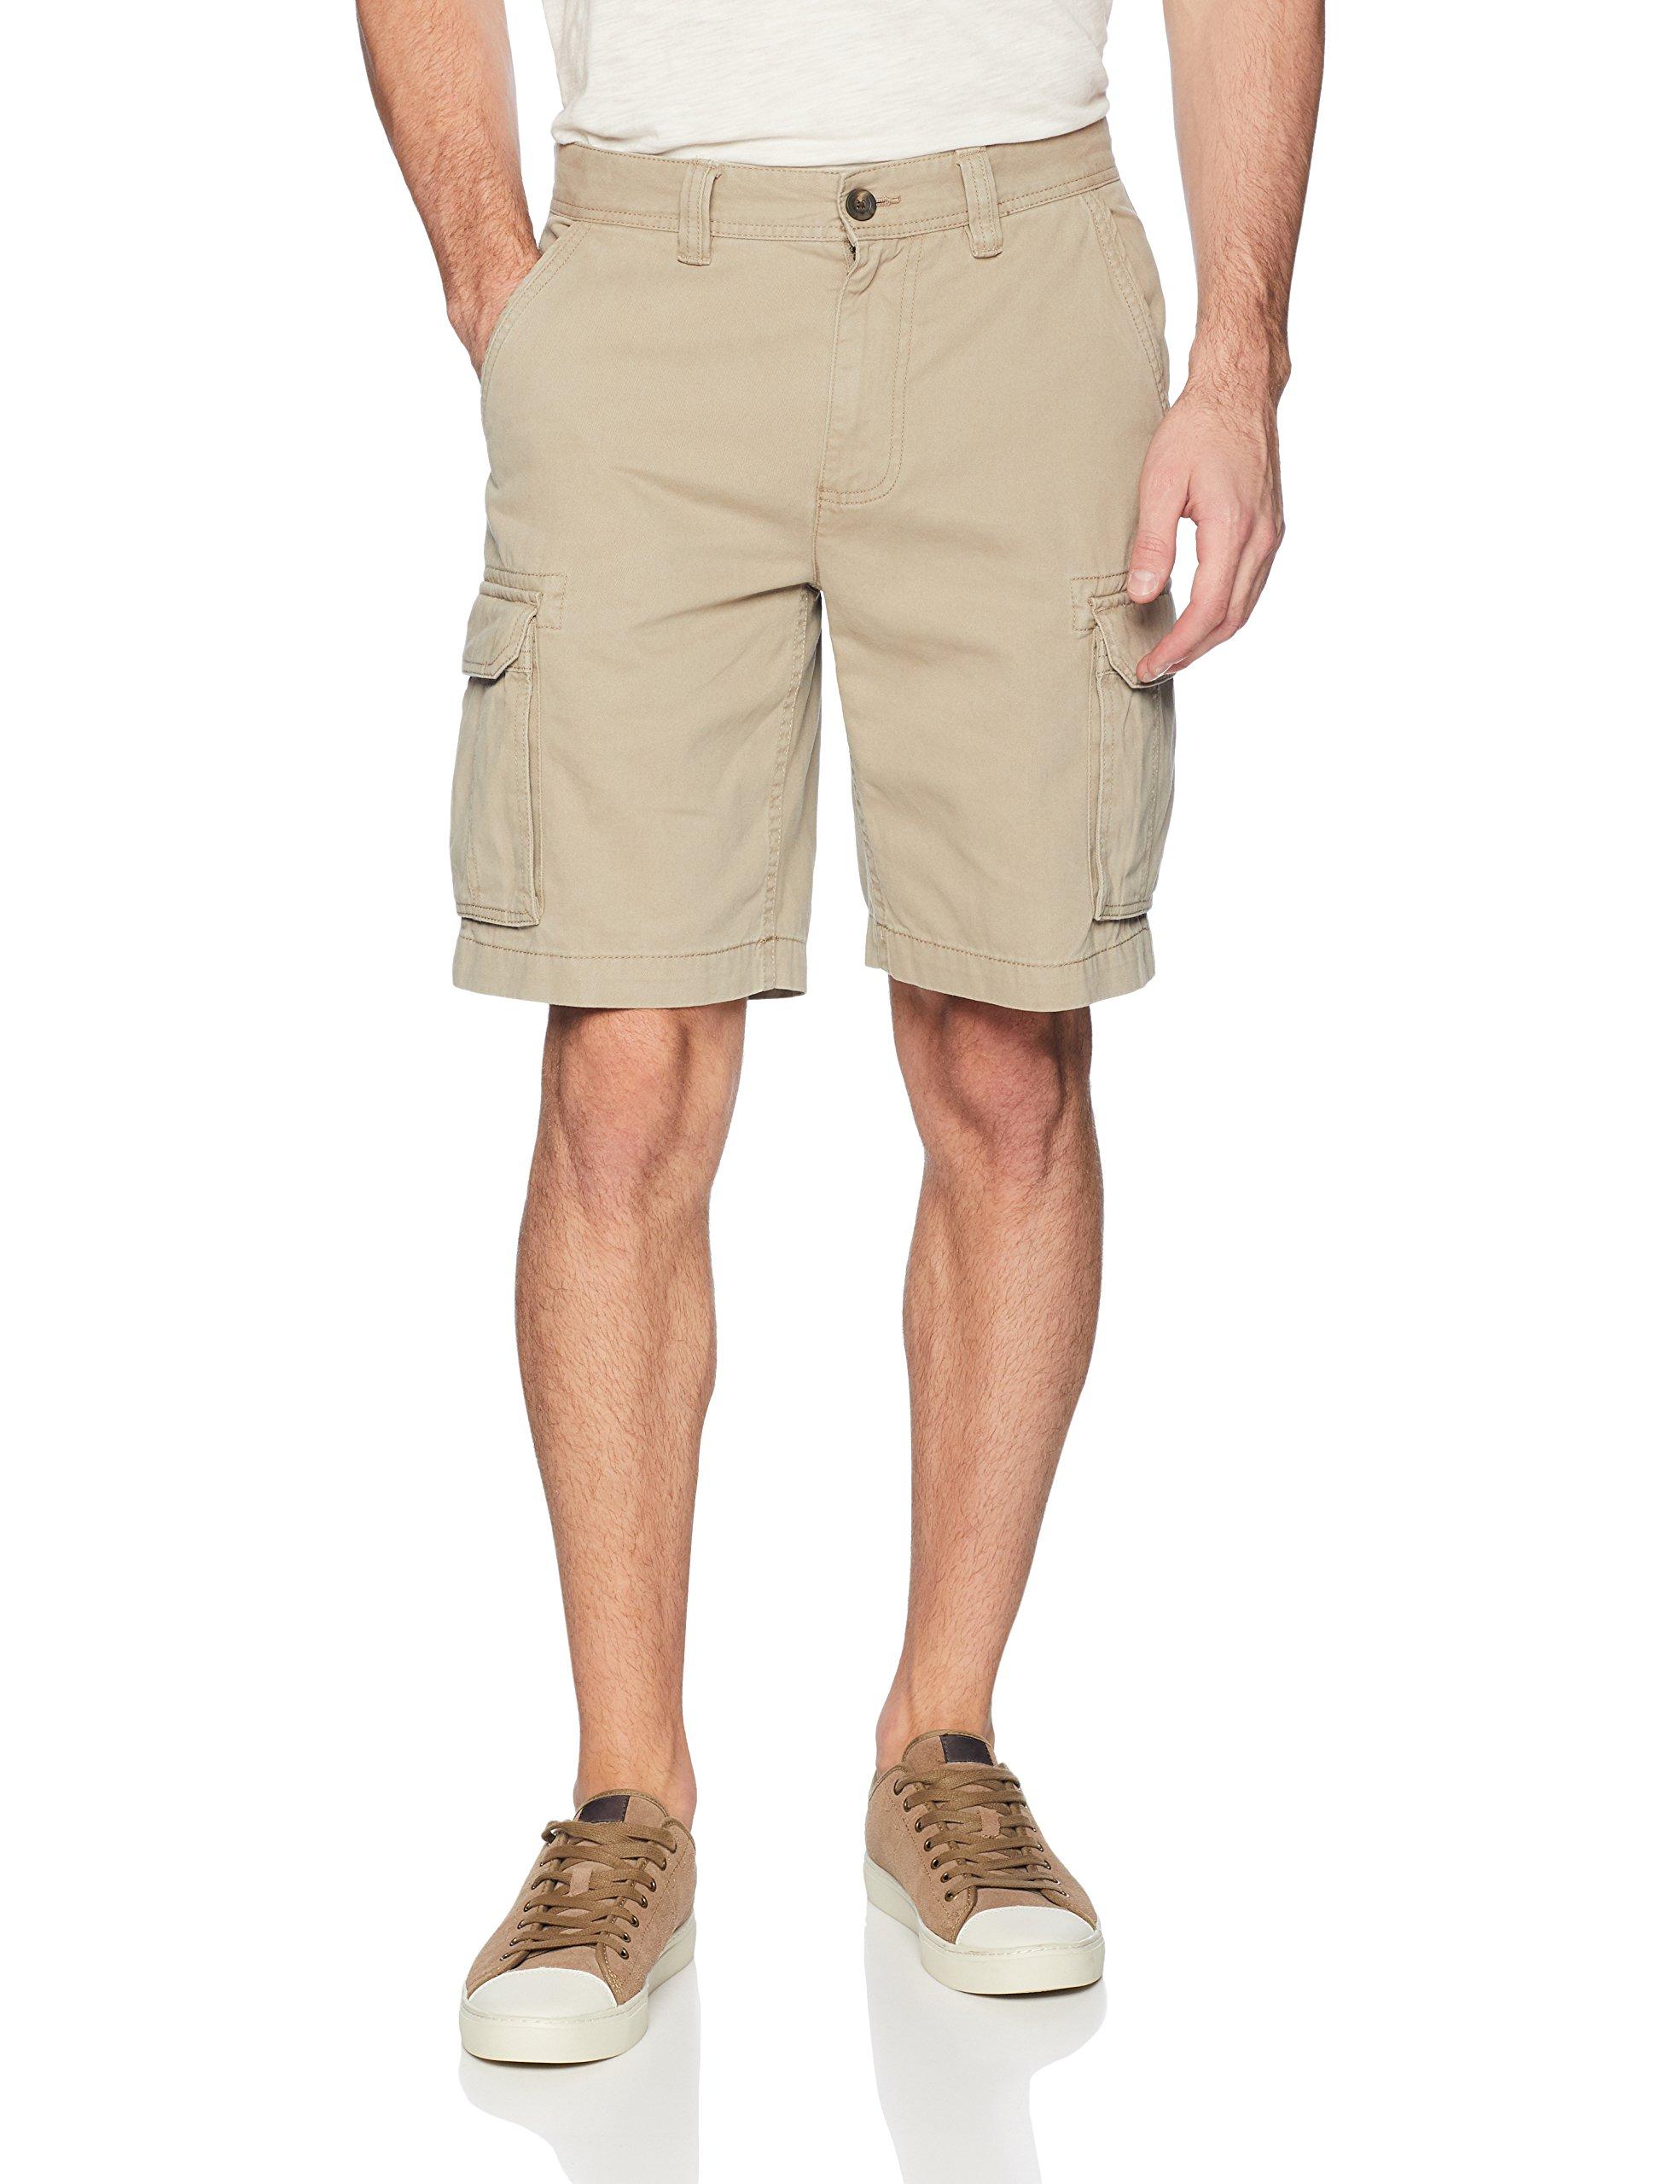 Amazon Essentials Men's Classic-Fit Cargo Short, Dark Khaki, 32